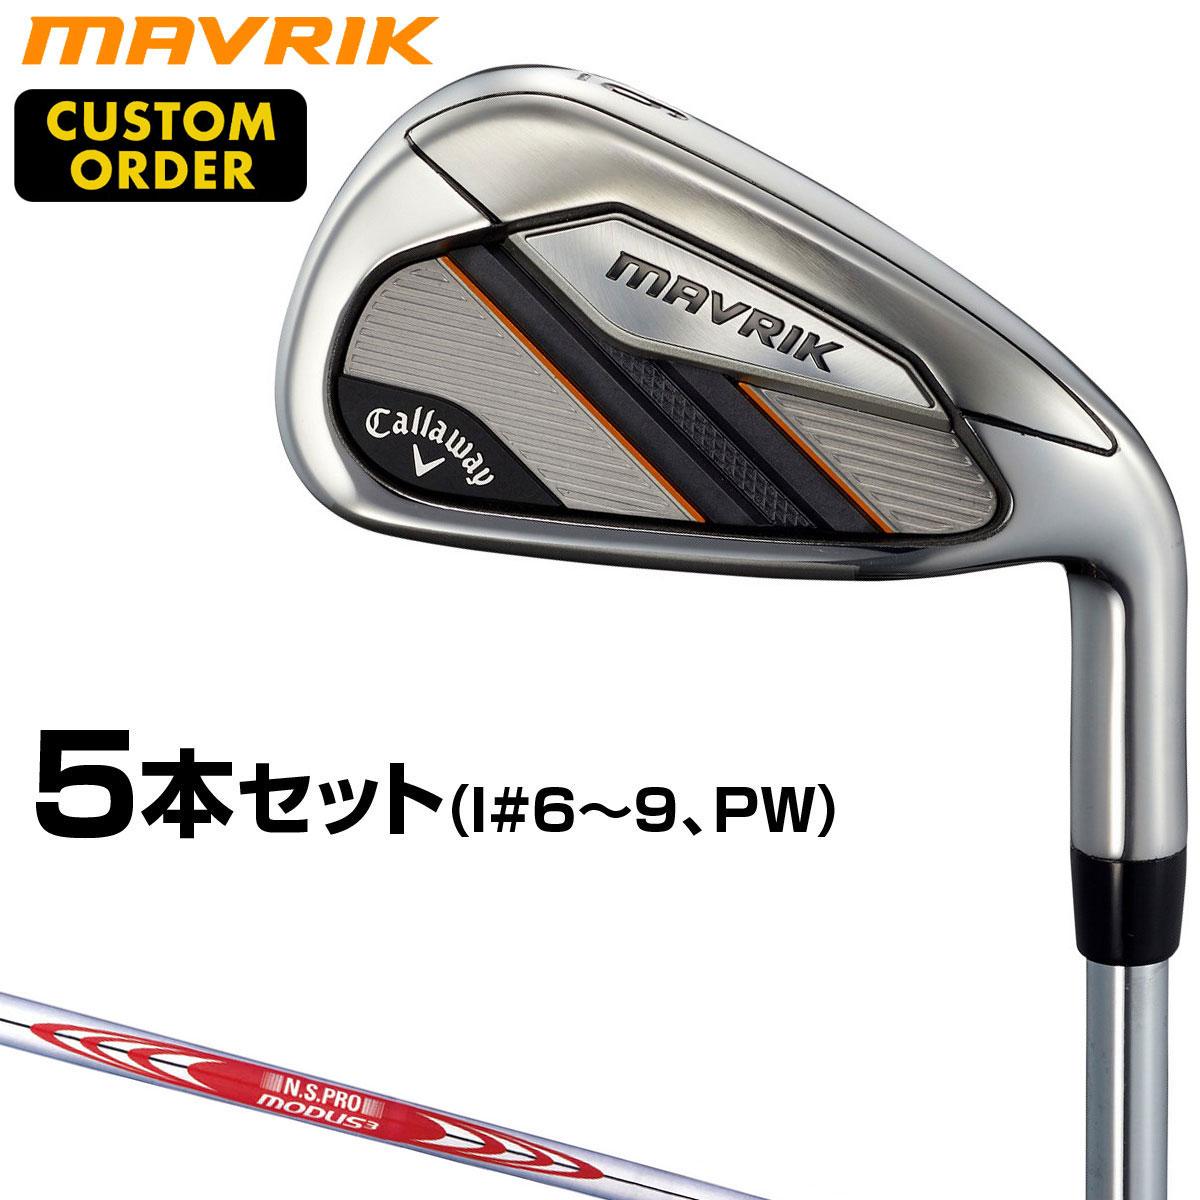 【カスタムクラブ】 Callaway(キャロウェイ)日本正規品 MAVRIK(マーベリック)アイアン 2020新製品 NSPRO MODUS3 TOUR120スチールシャフト 5本セット(I#6~9、PW)